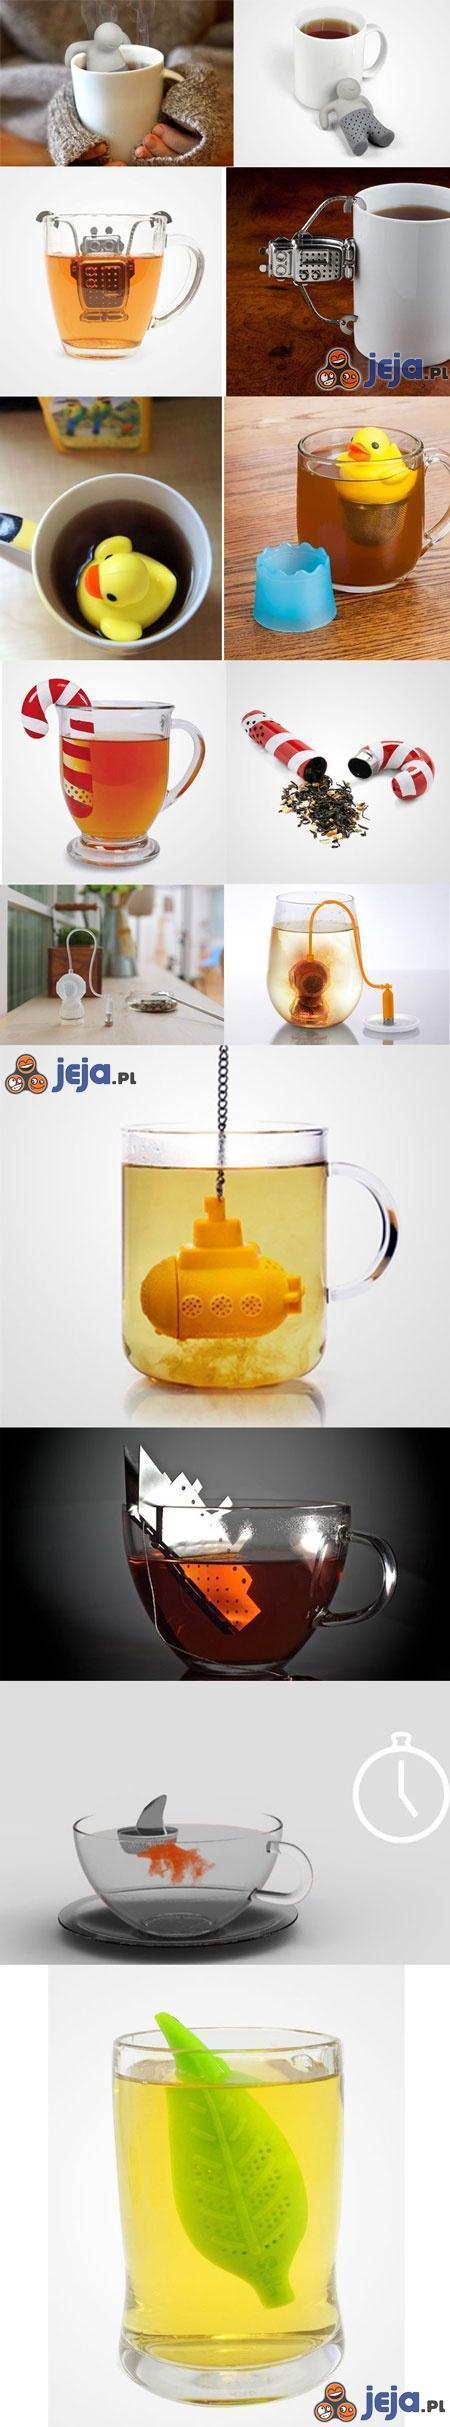 Oryginalne zaparzacze do herbaty